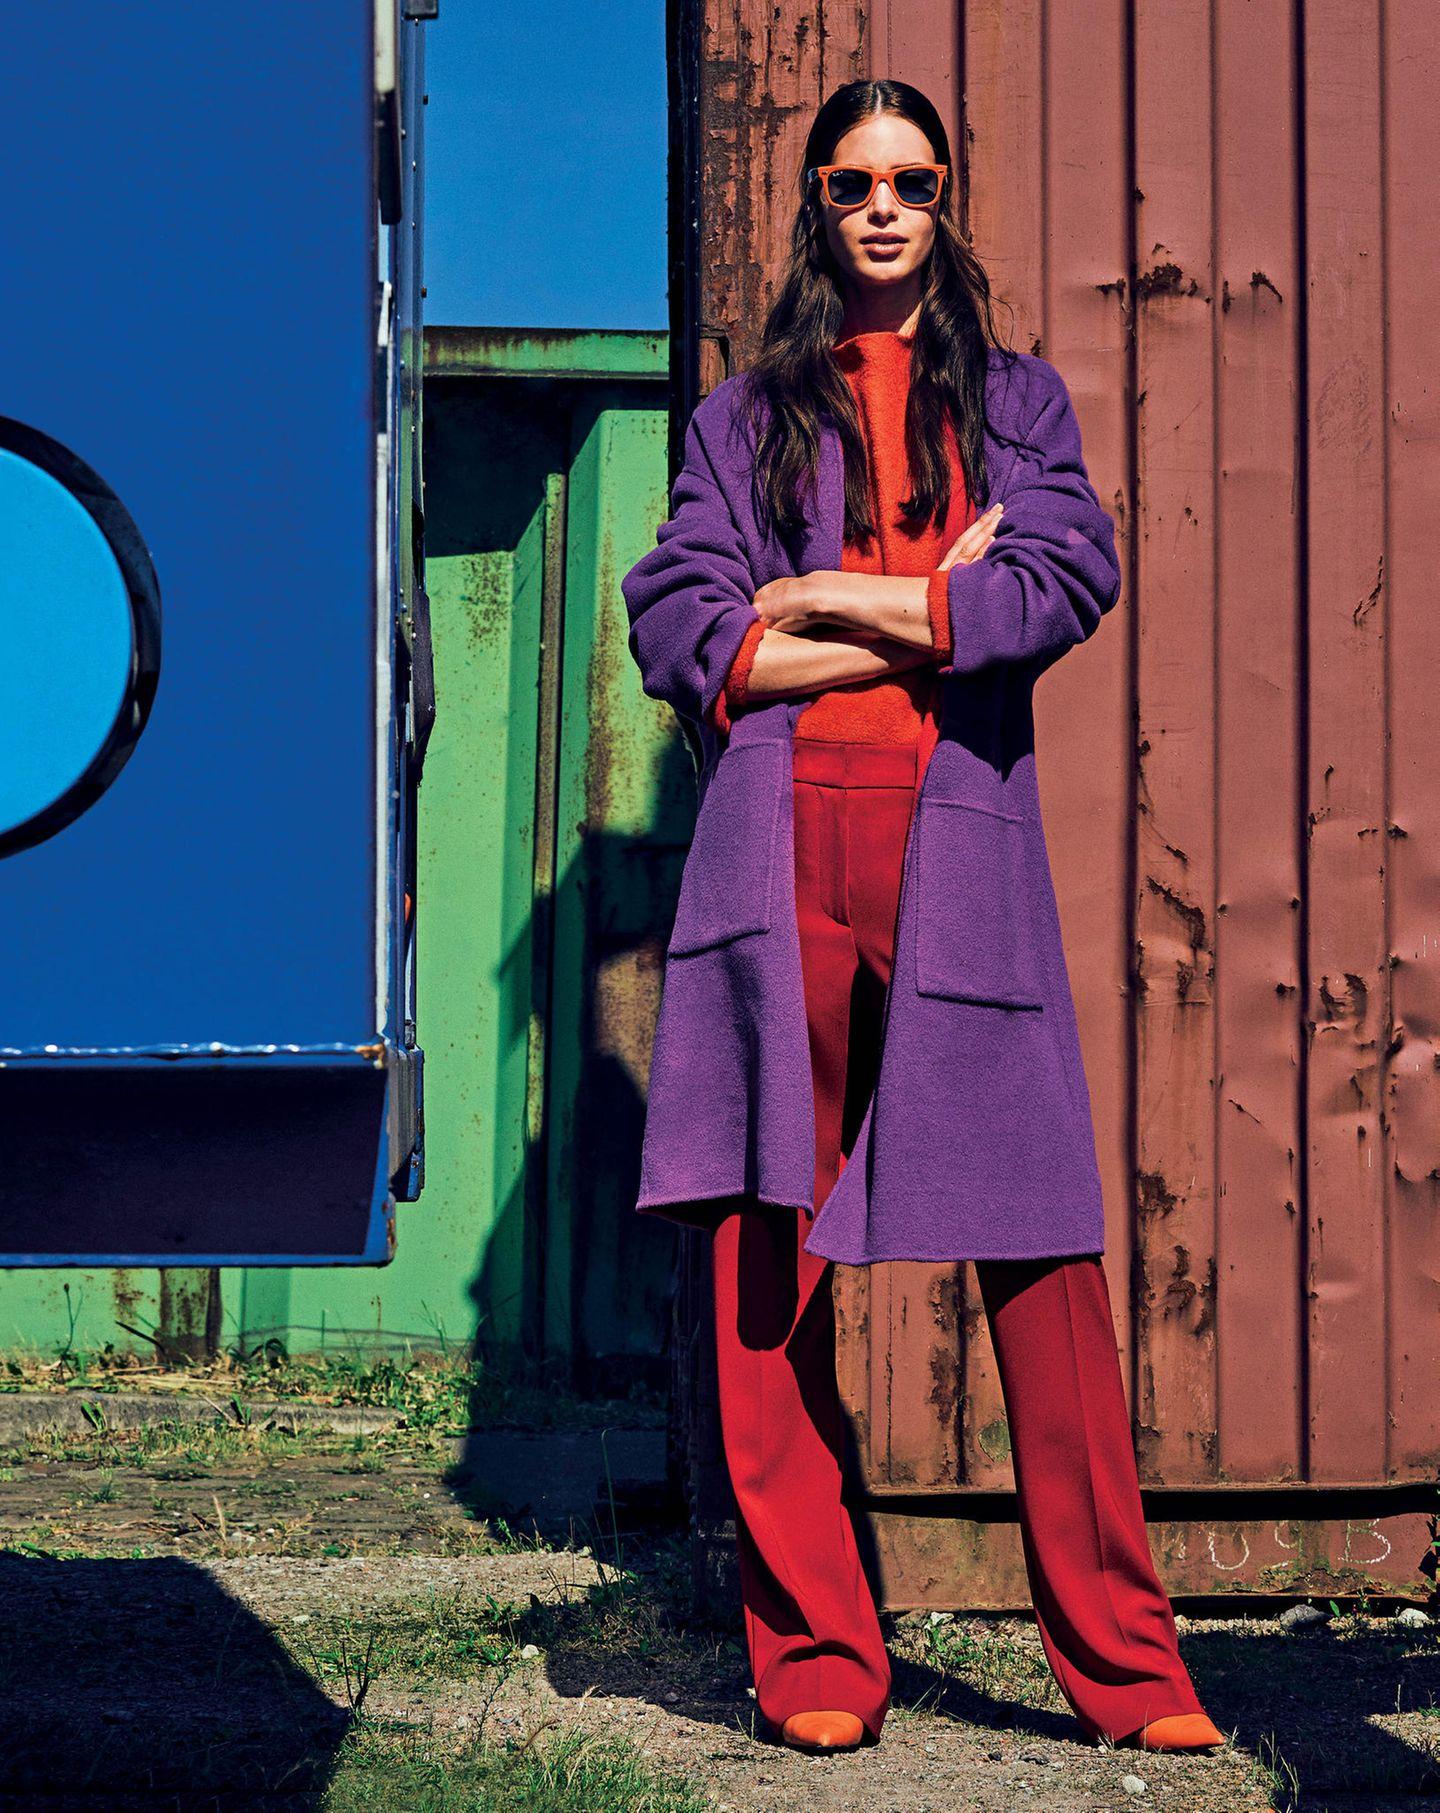 Frau trägt rotes Outfit mit violettem Mantel darüber